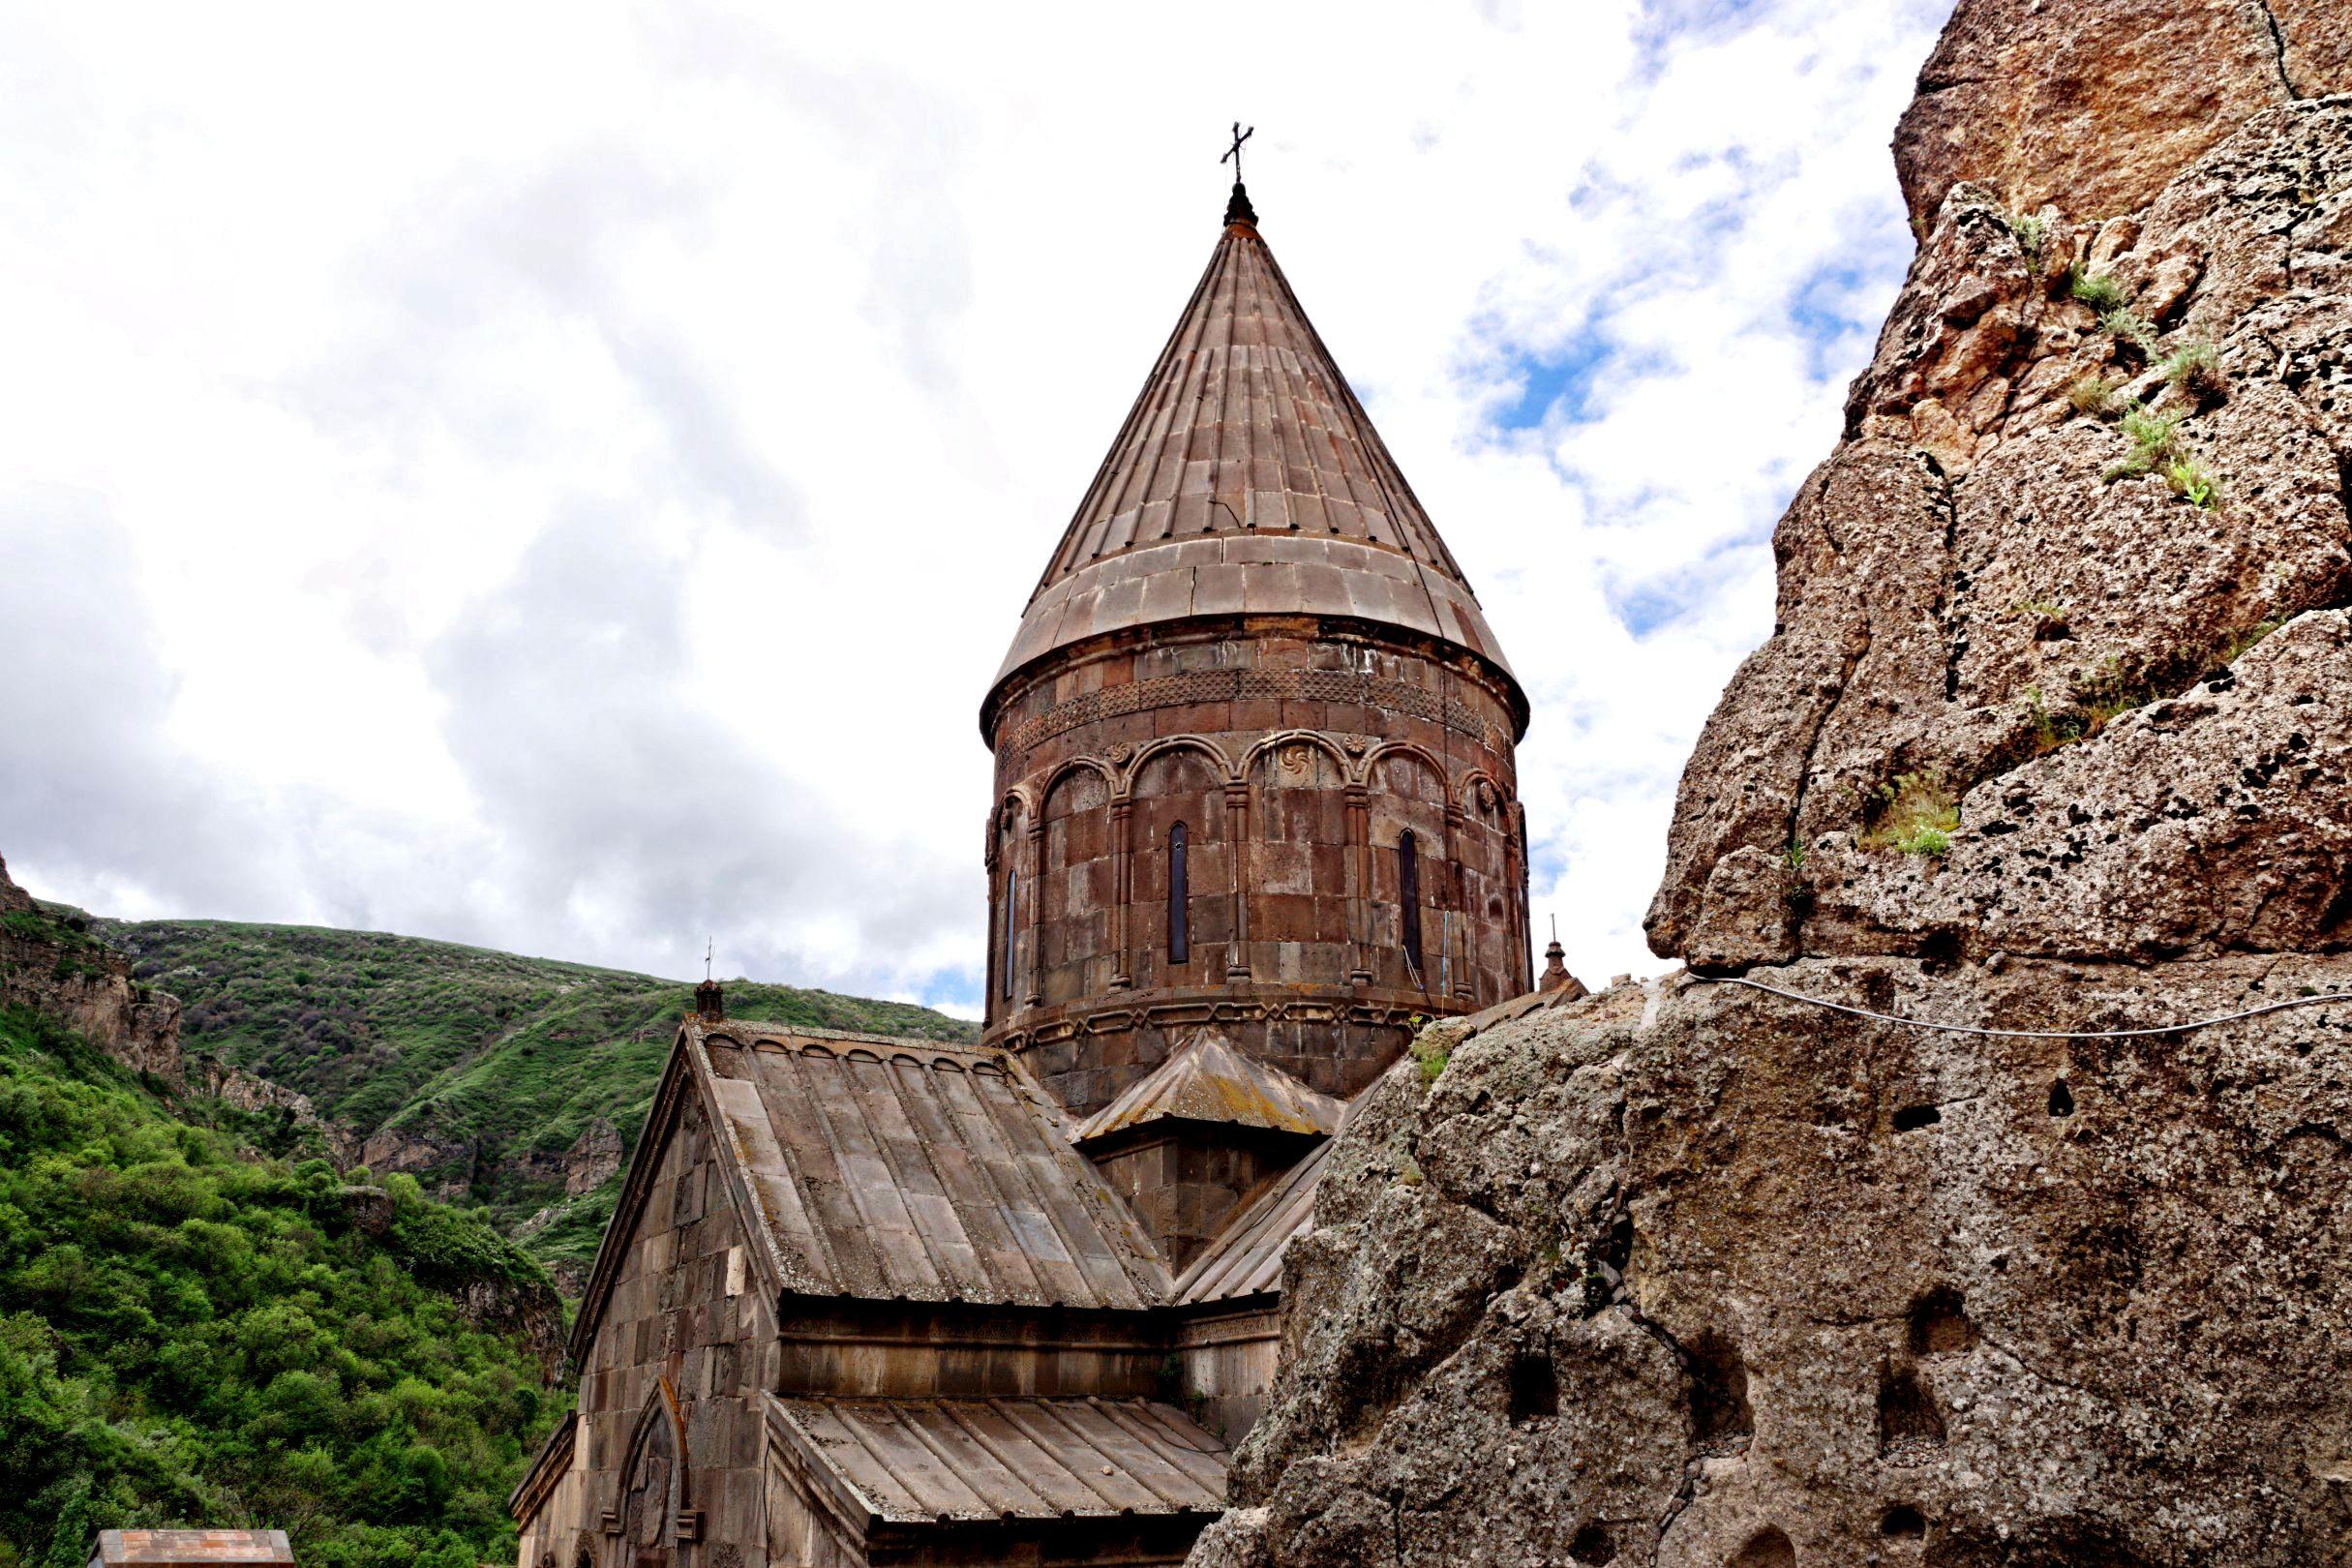 Monaster Geghard od 2000 roku znajduje się na Liście Światowego Dziedzictwa Kulturalnego i Przyrodniczego UNESCO